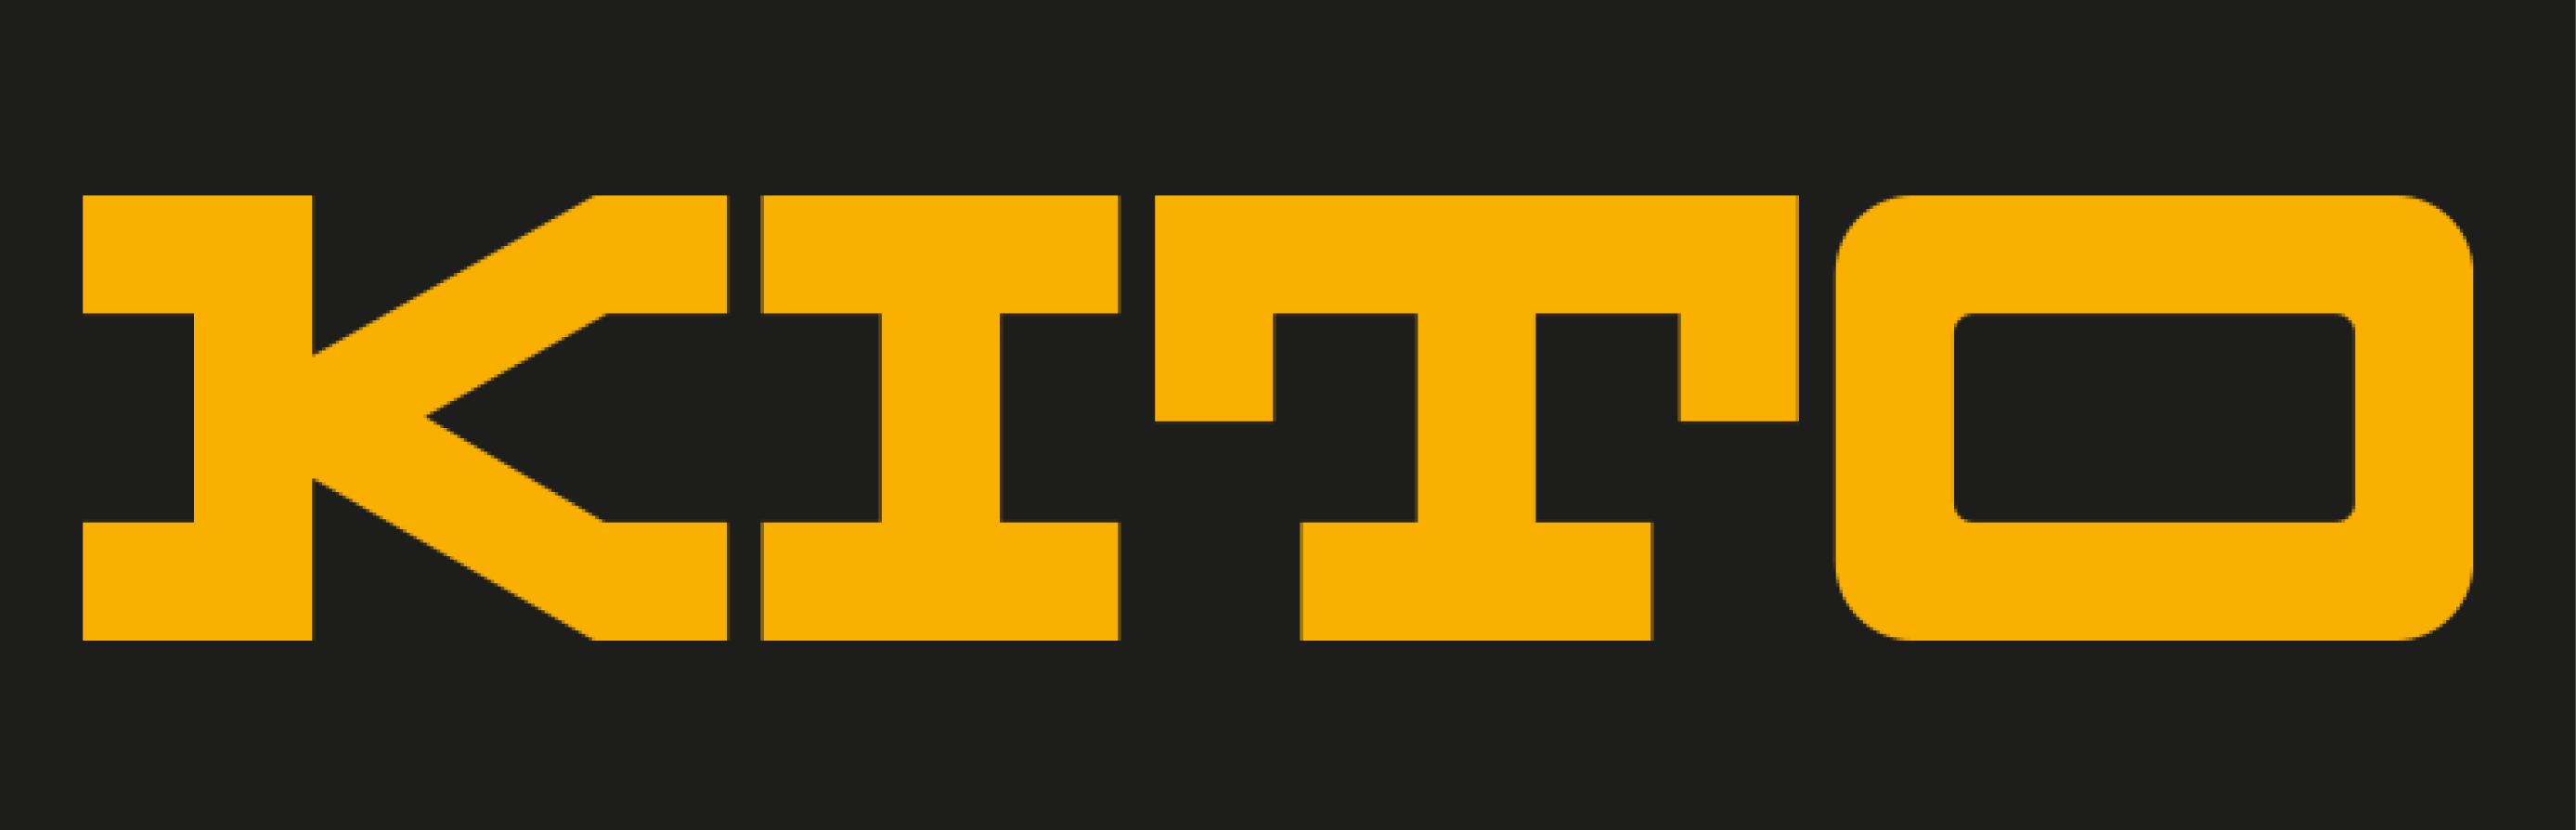 Kito europe logo